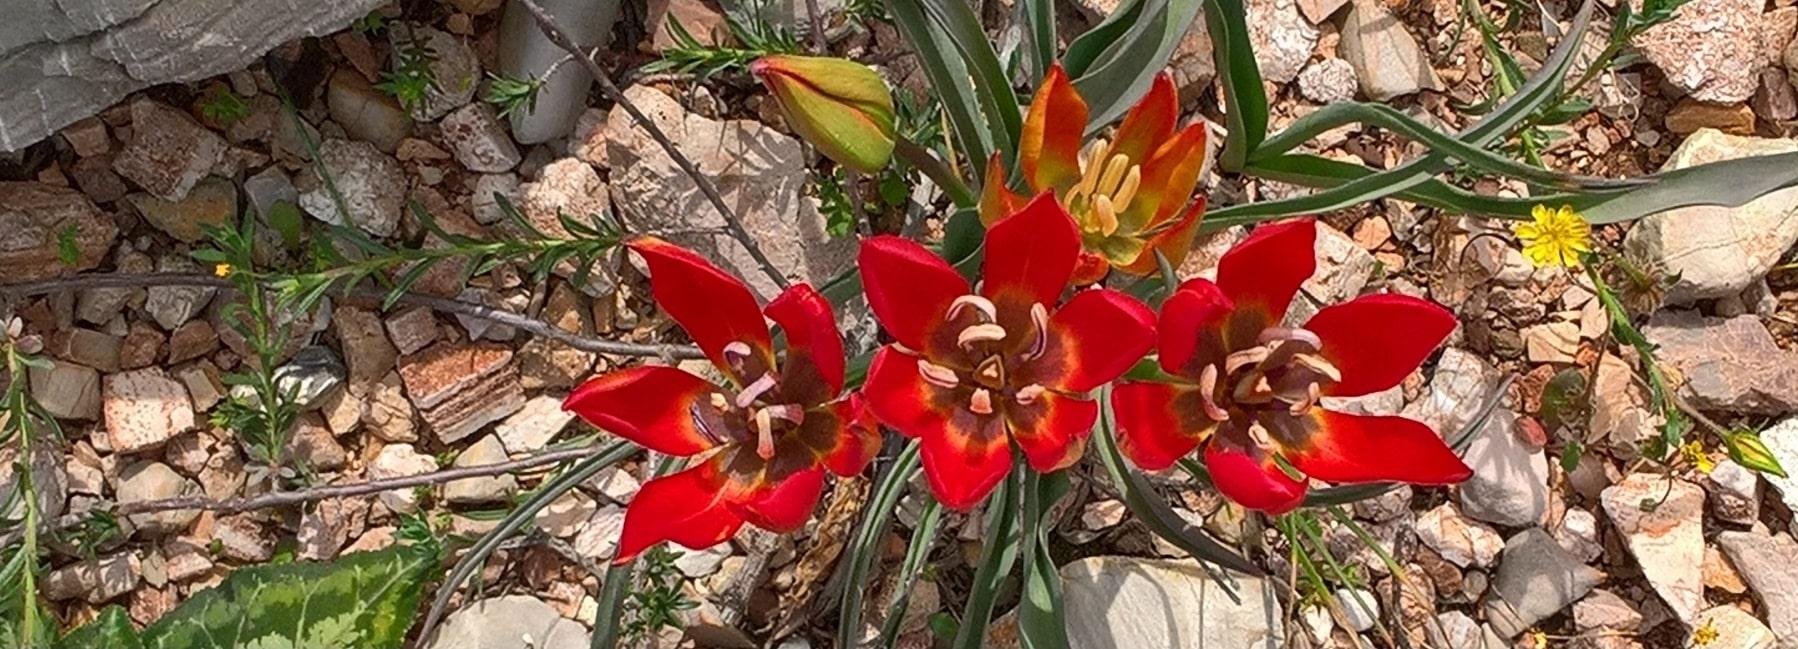 Home - Xenonas Fos ke Choros - Kythera tulip